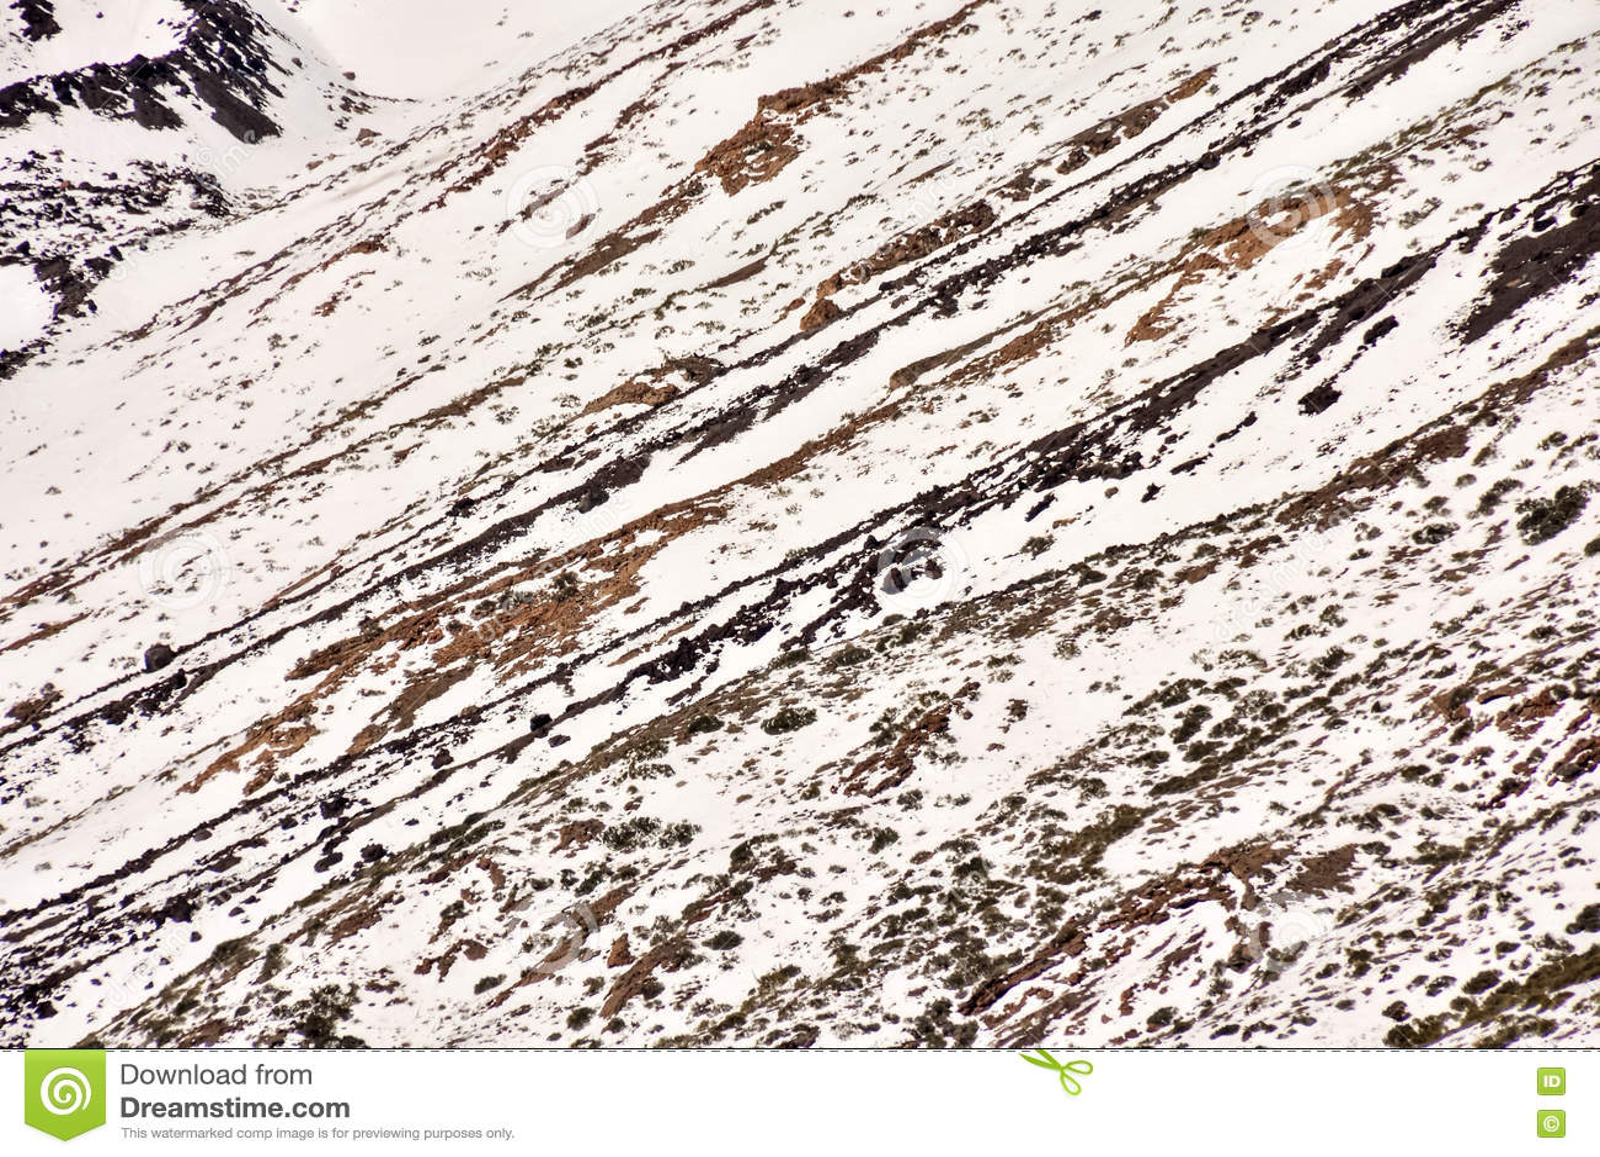 Textura de la nieve para el fondo